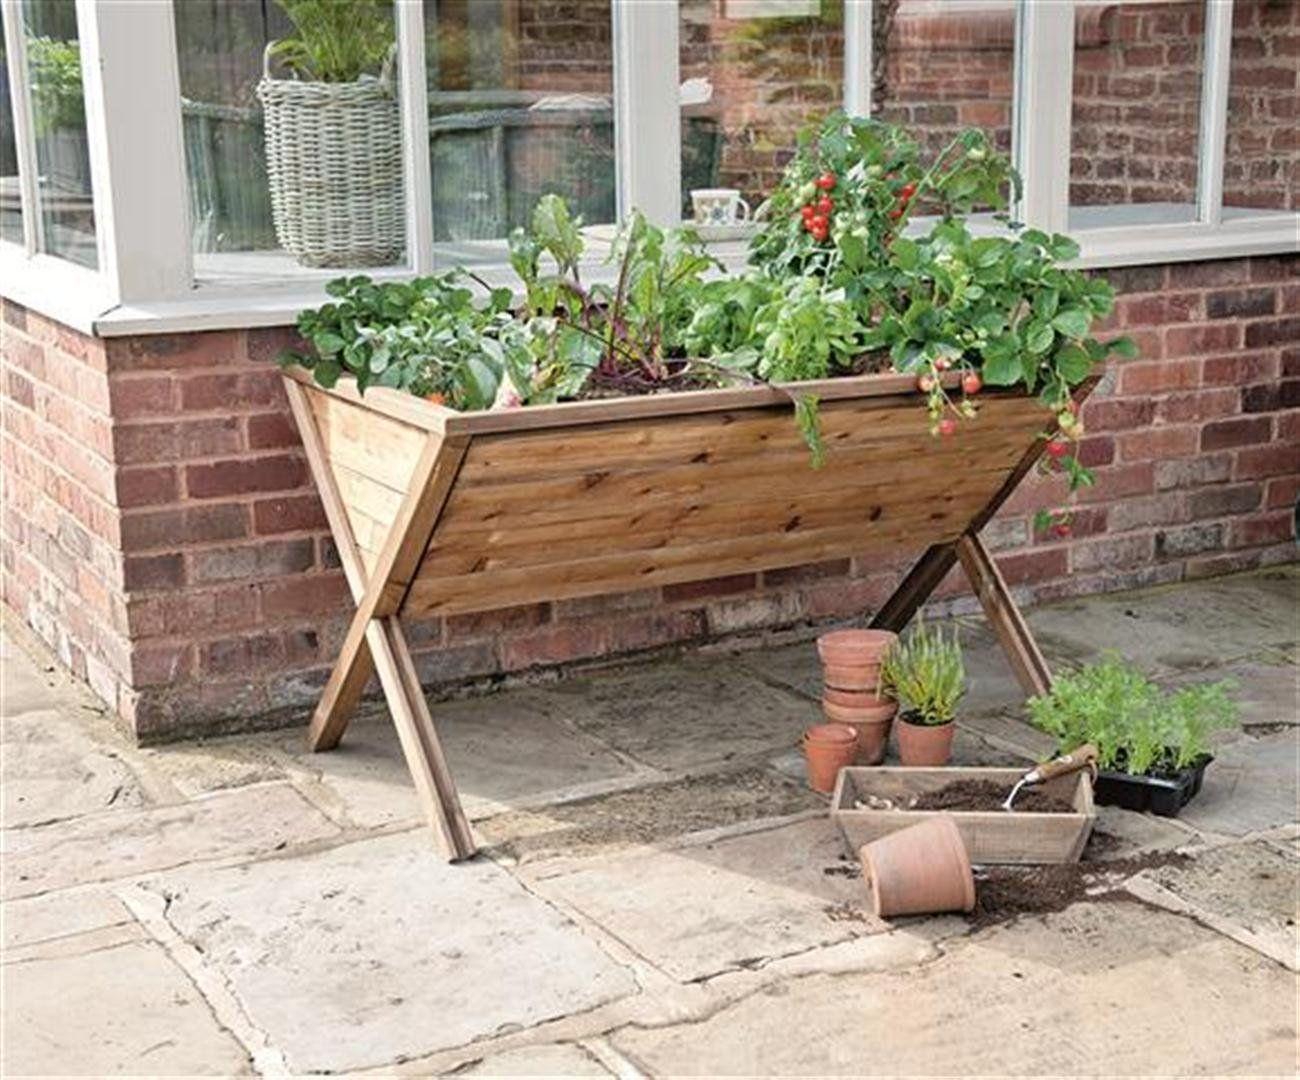 Amazon.co.uk Raised Garden Kits Garden Structures